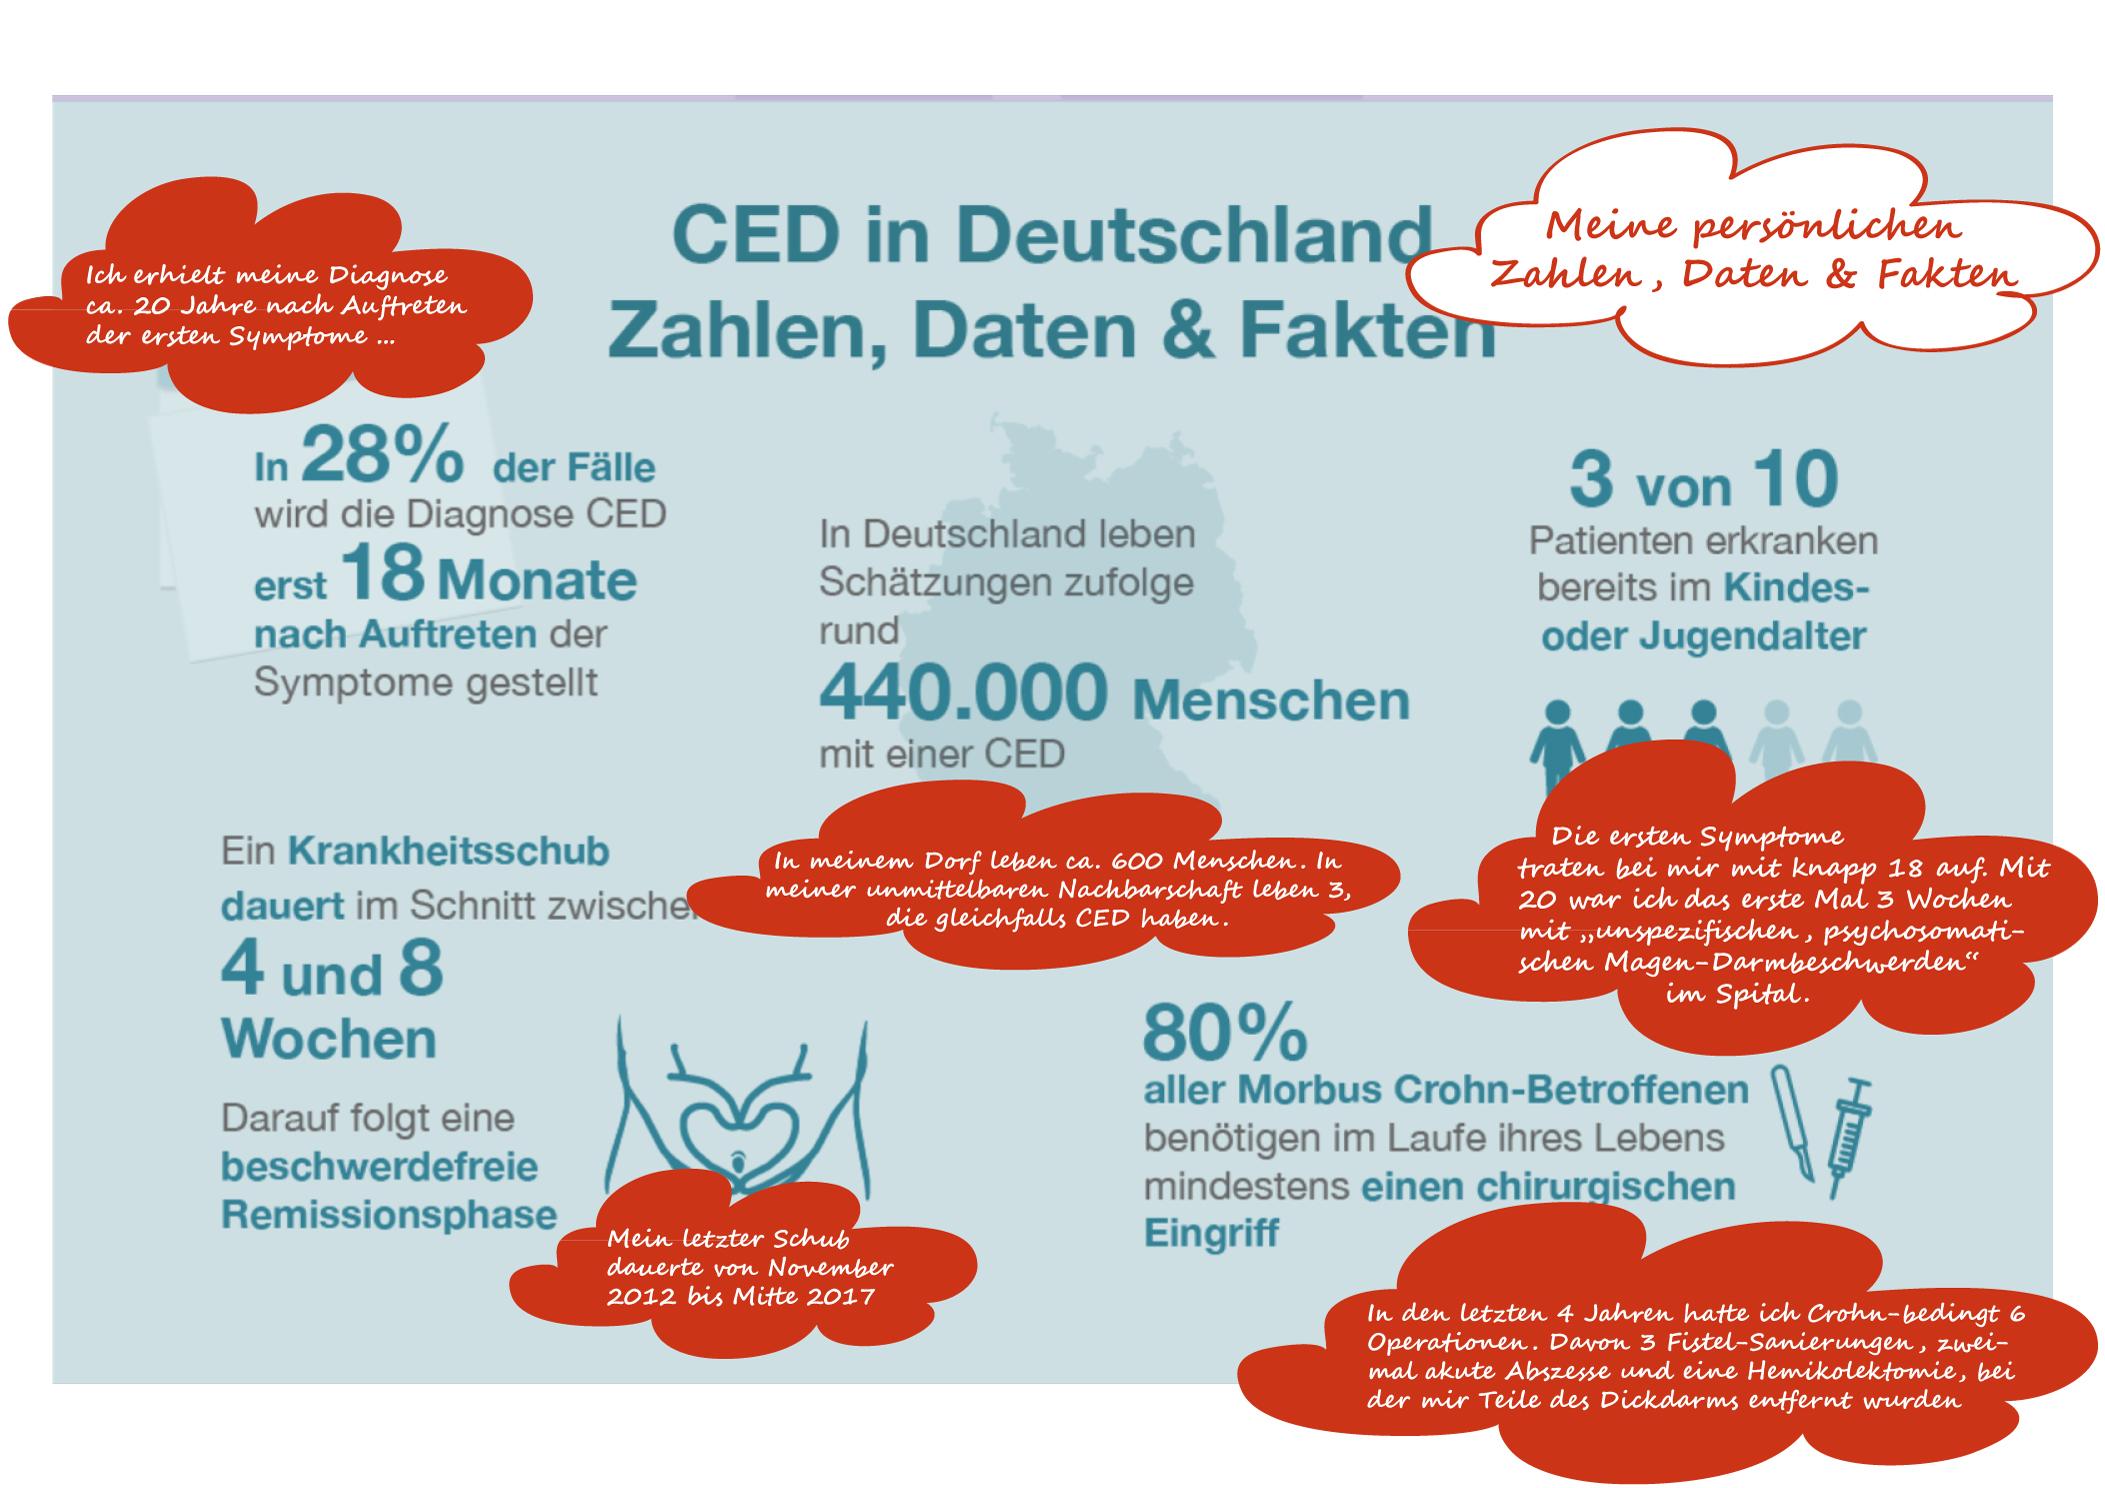 InfografikCED meineDaten - Neue Lieb-Links und Infos rund um CED